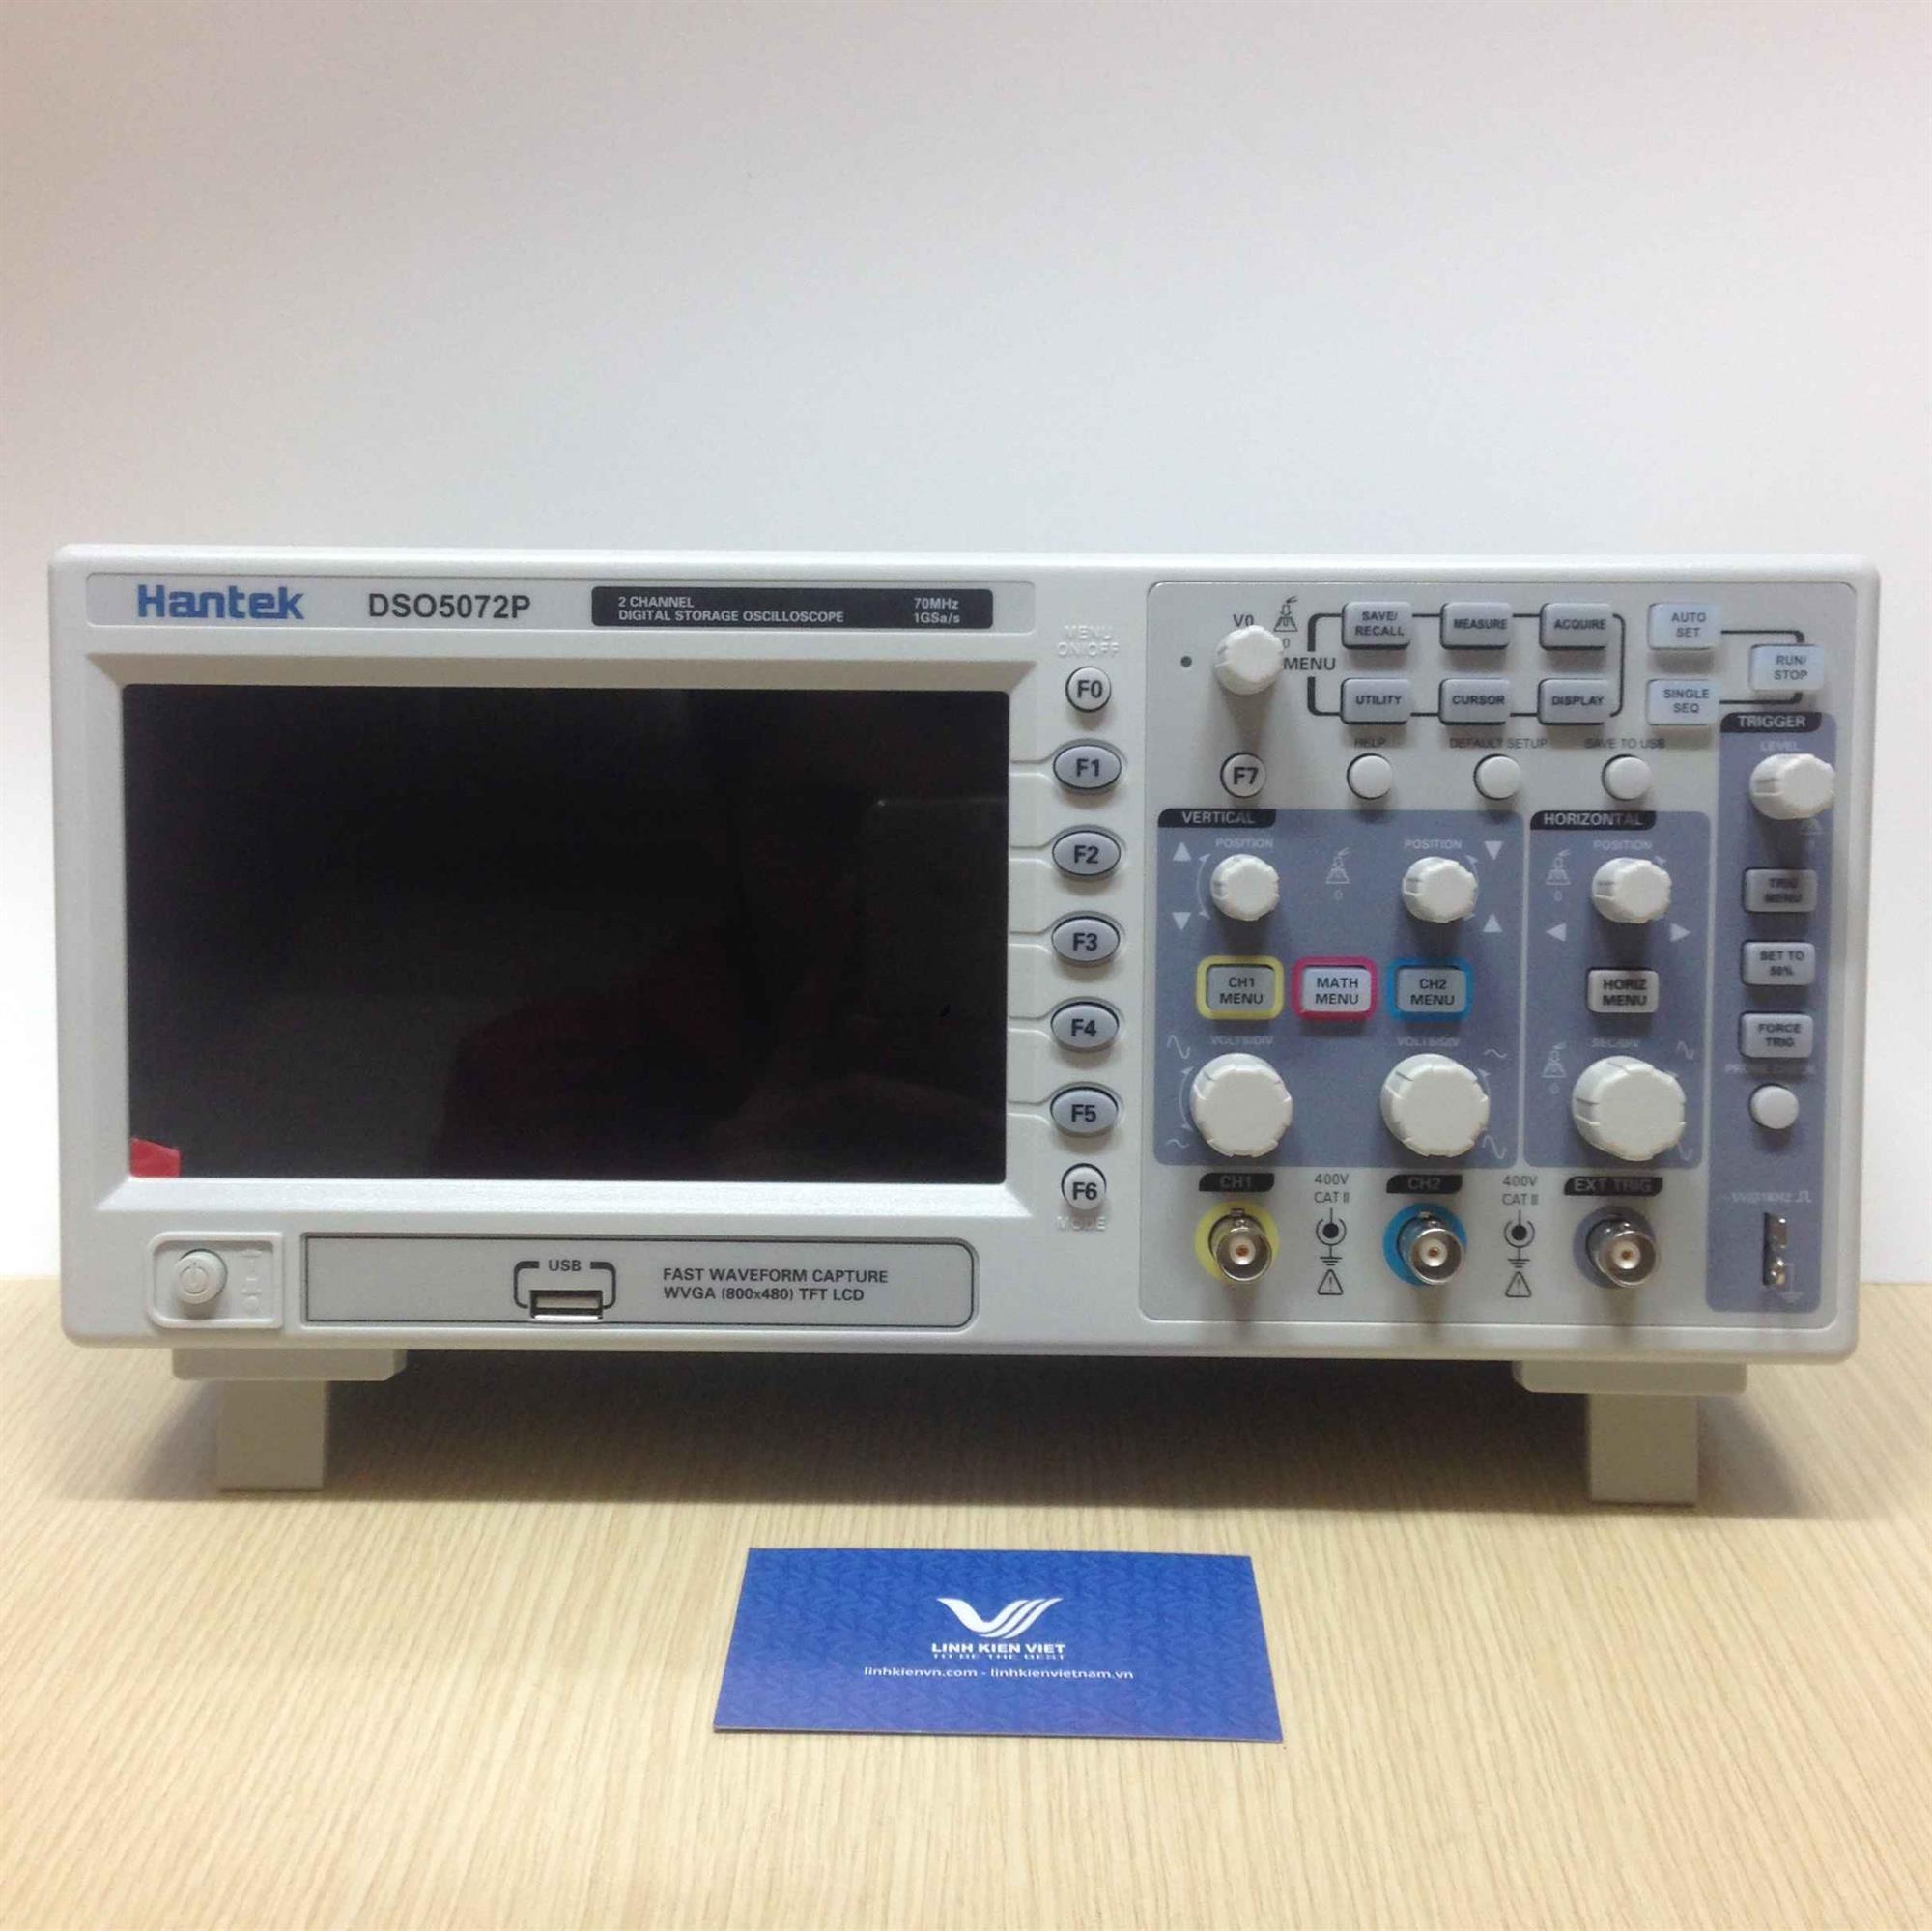 Máy hiện sóng Hantek DSO5102P 2 kênh dải đo 100Mhz - Digital Oscilloscope DSO5102P DSO5102 100MHZ